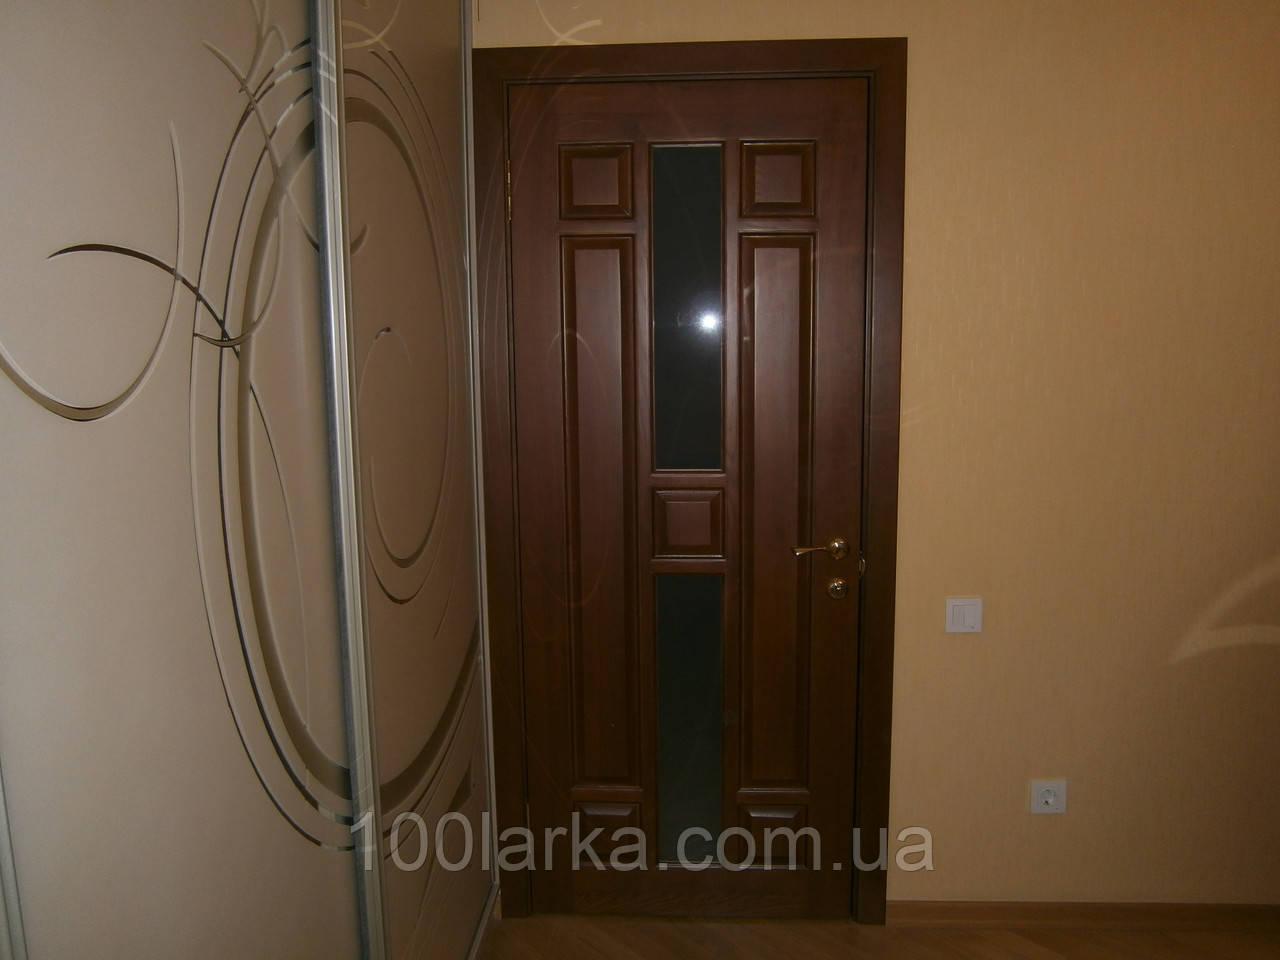 Двері міжкімнатні дерев'яні (ясен) в Києві